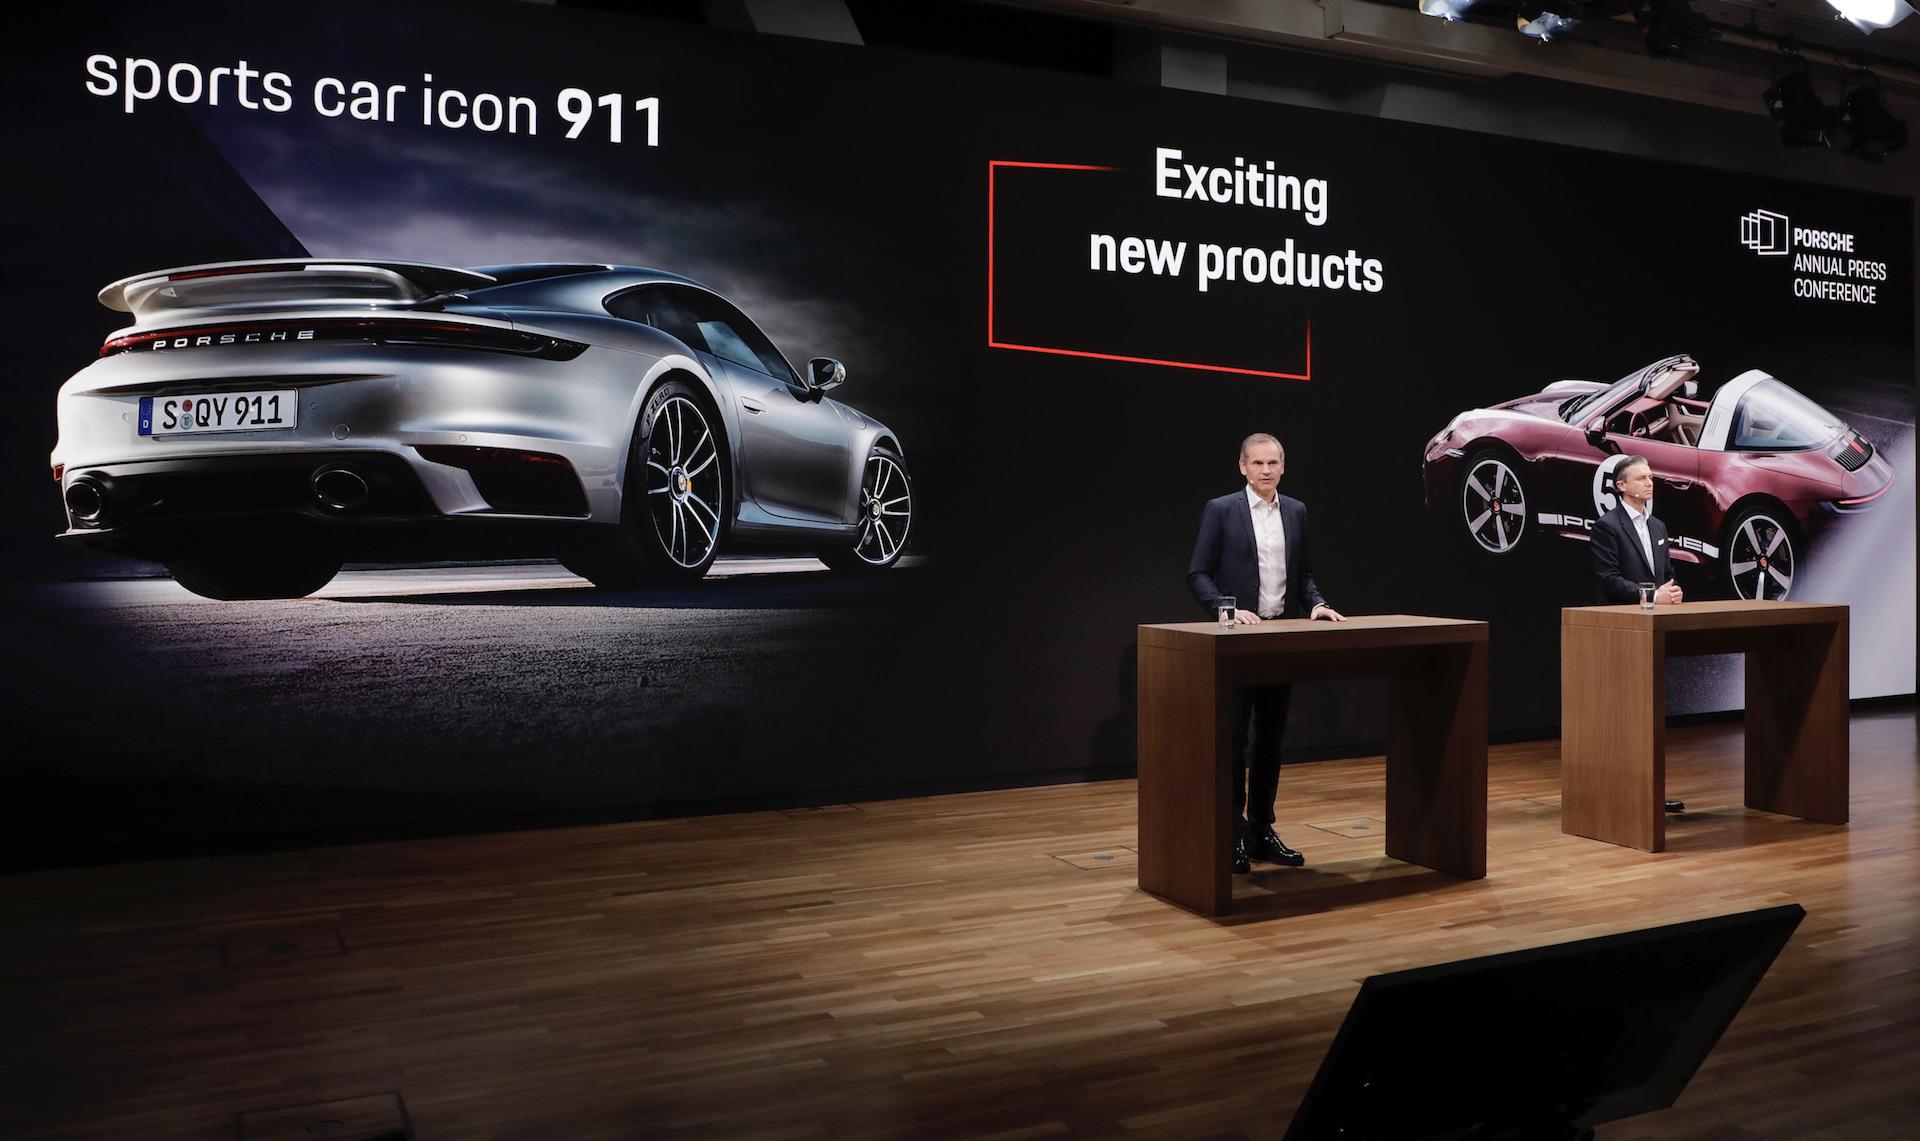 Porsche achieves record revenue in 2020, despite sales down 3%